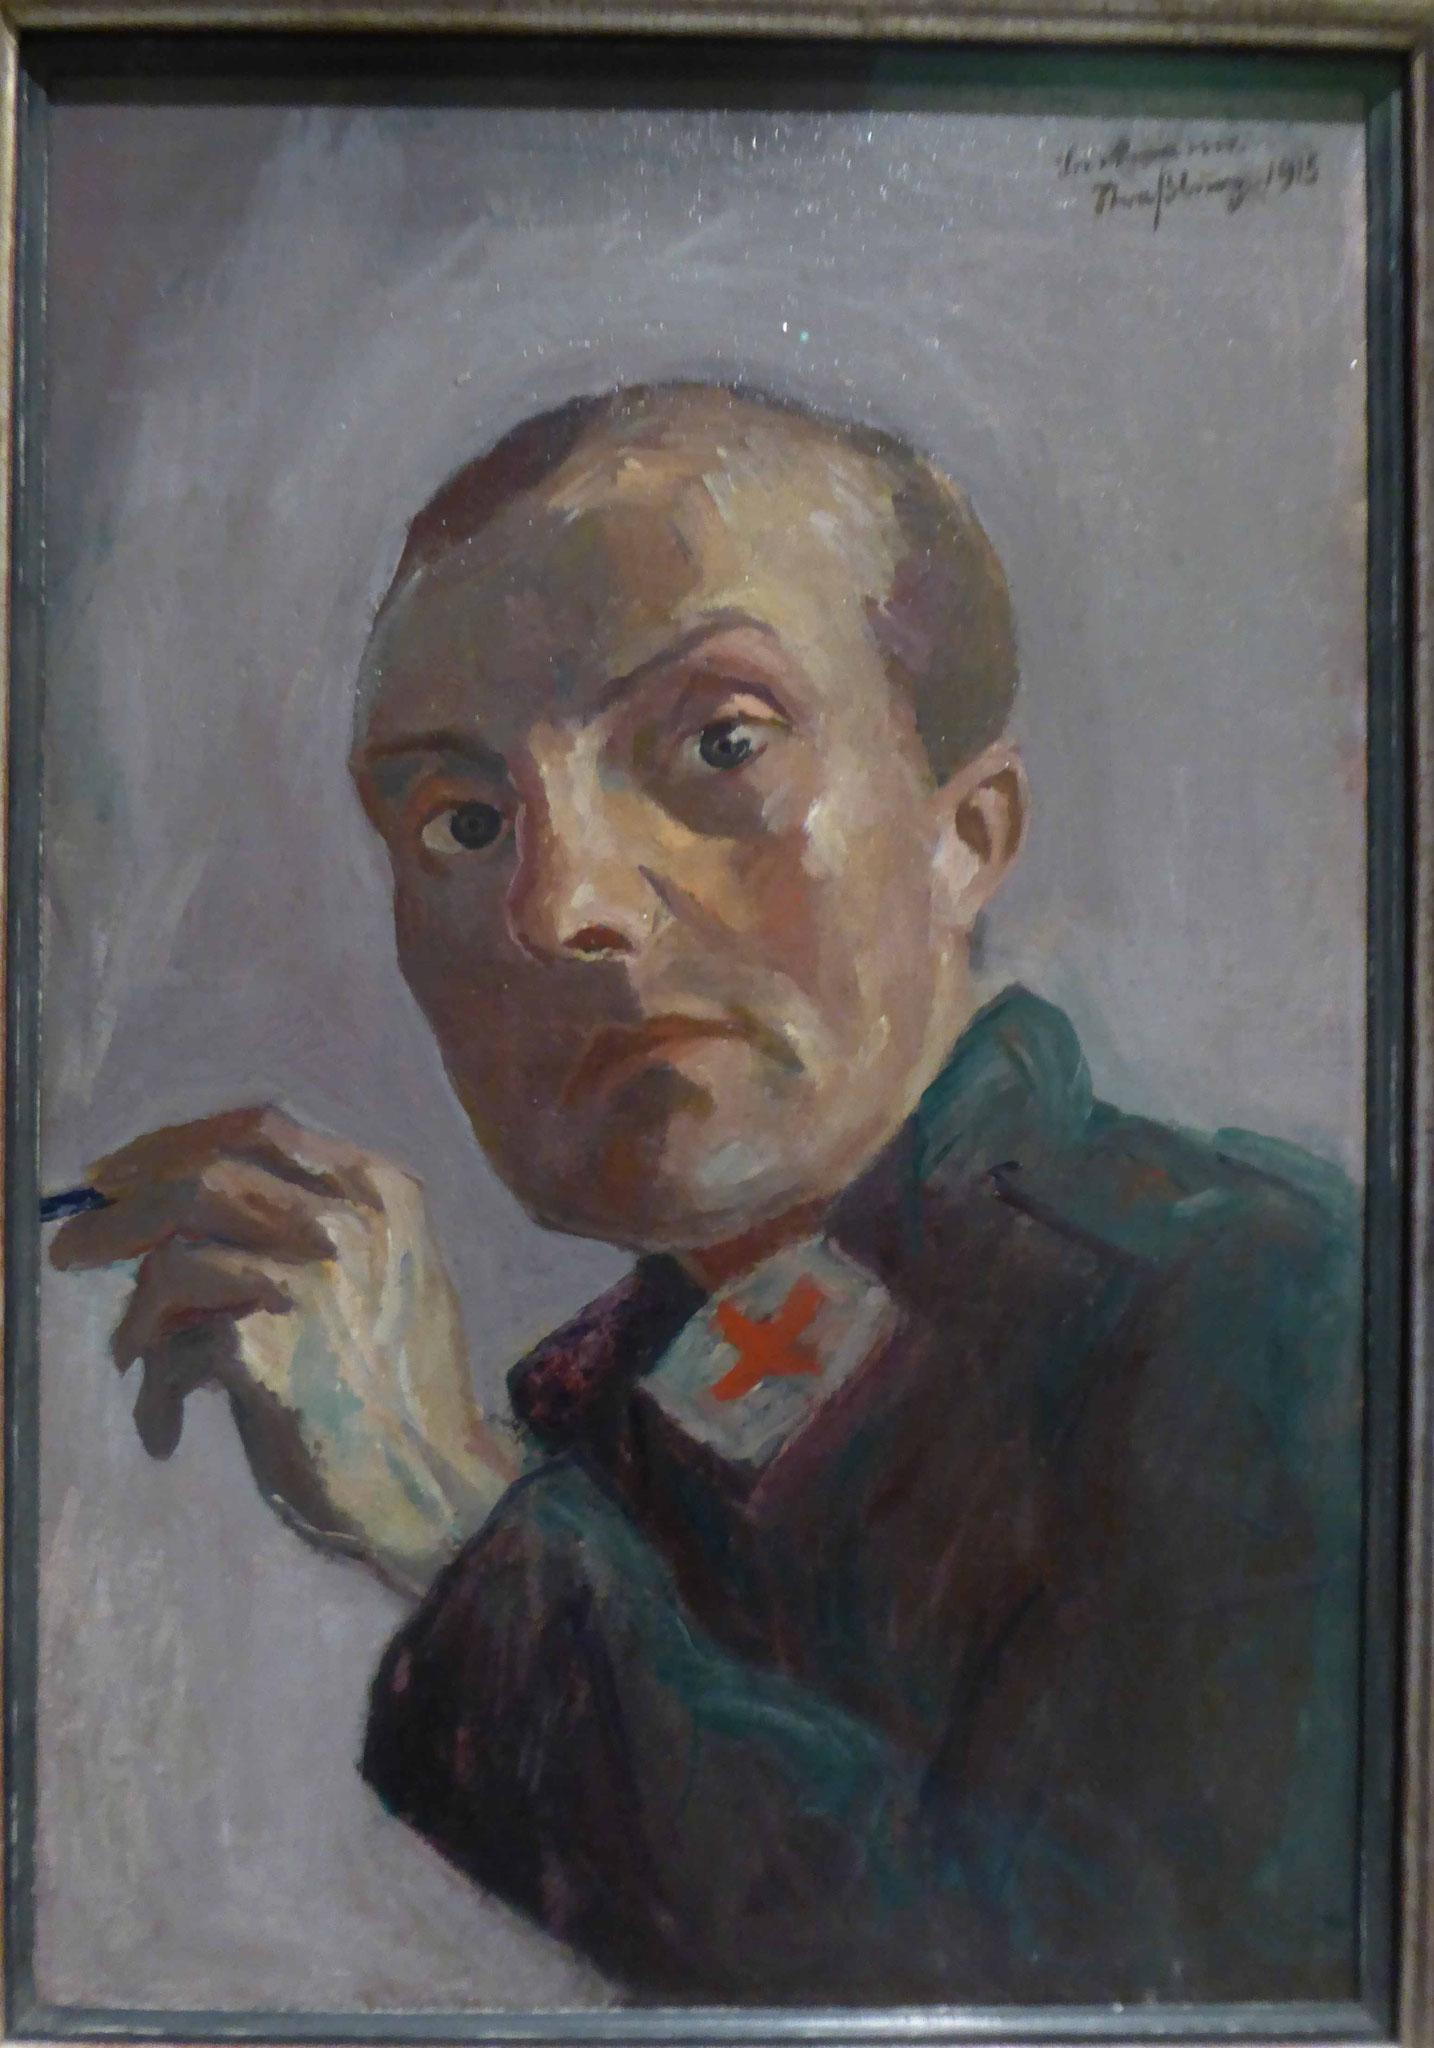 Max Beckmann, Musée d'Art Moderne, Strasbourg